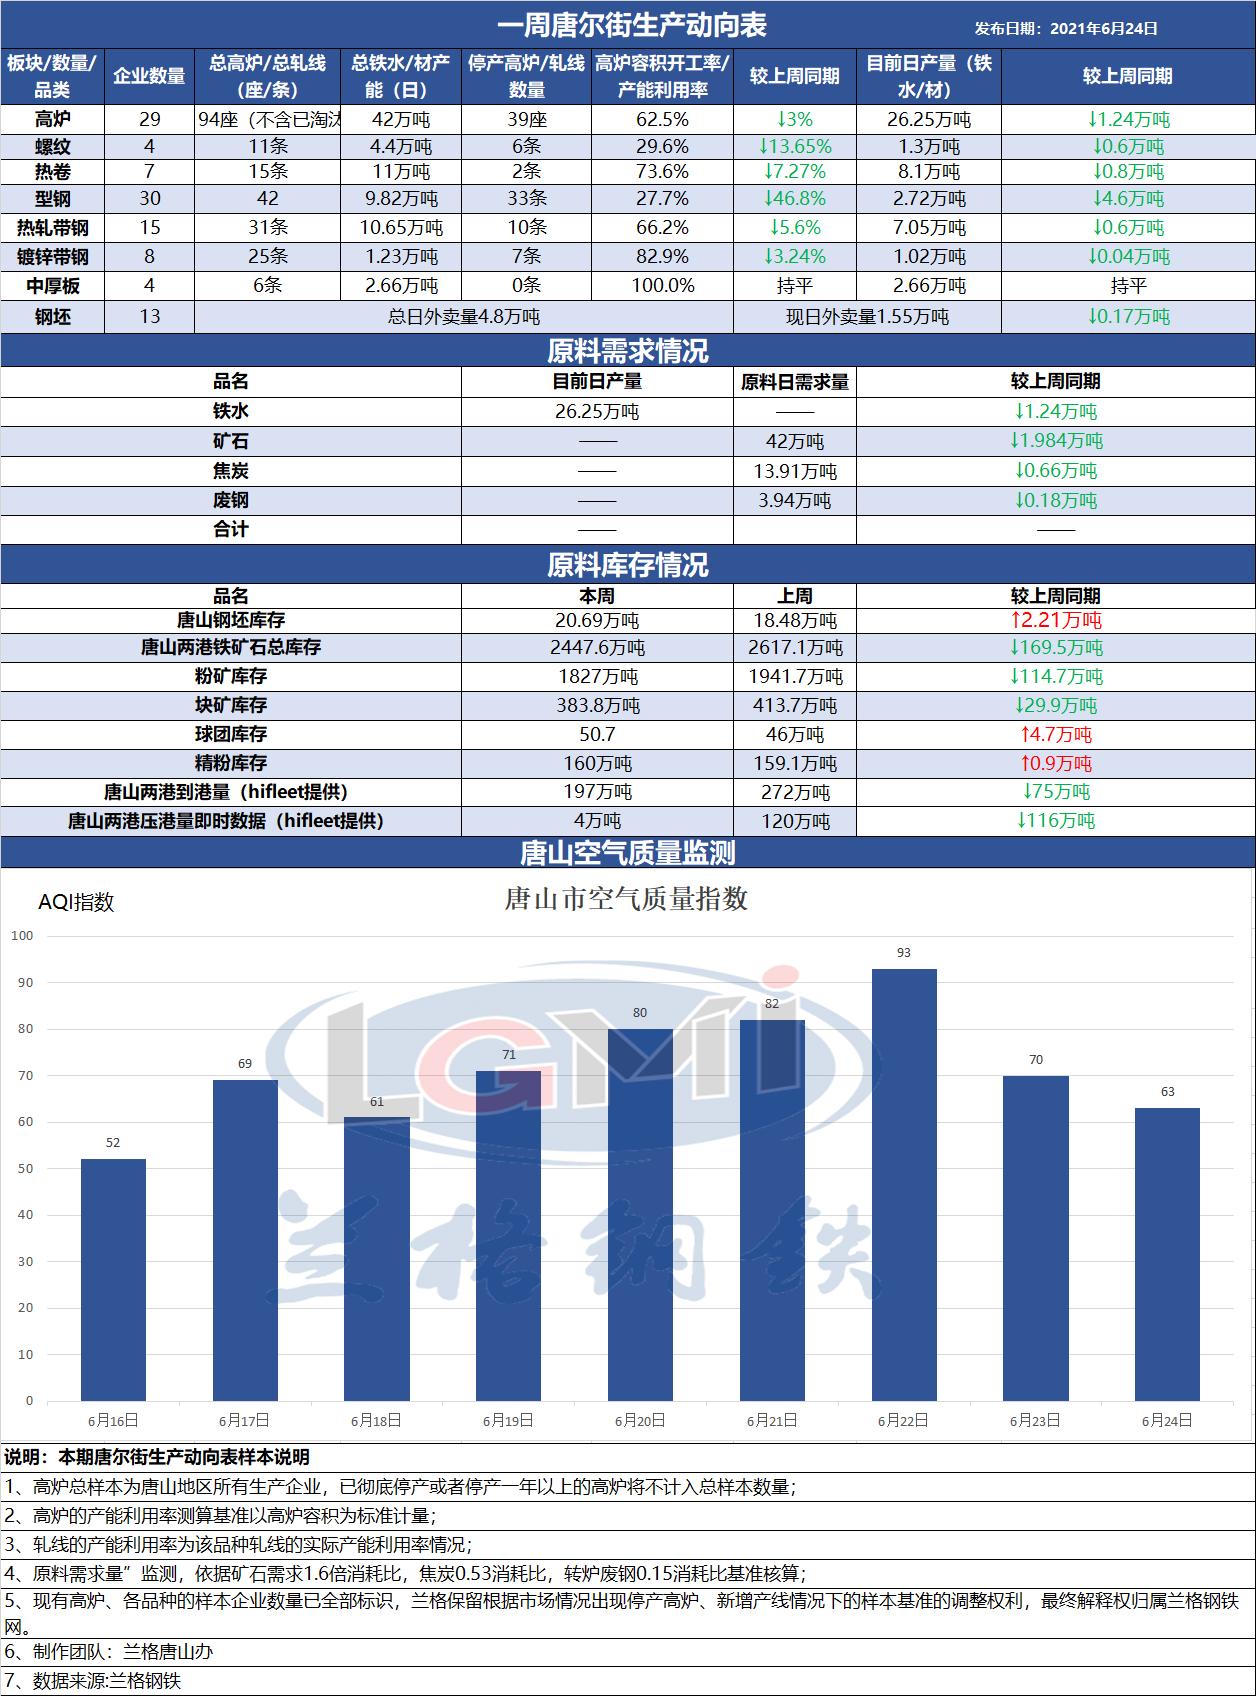 兰格发布:《一周唐尔街生产动向表》需求淡季 市场呈低迷态势